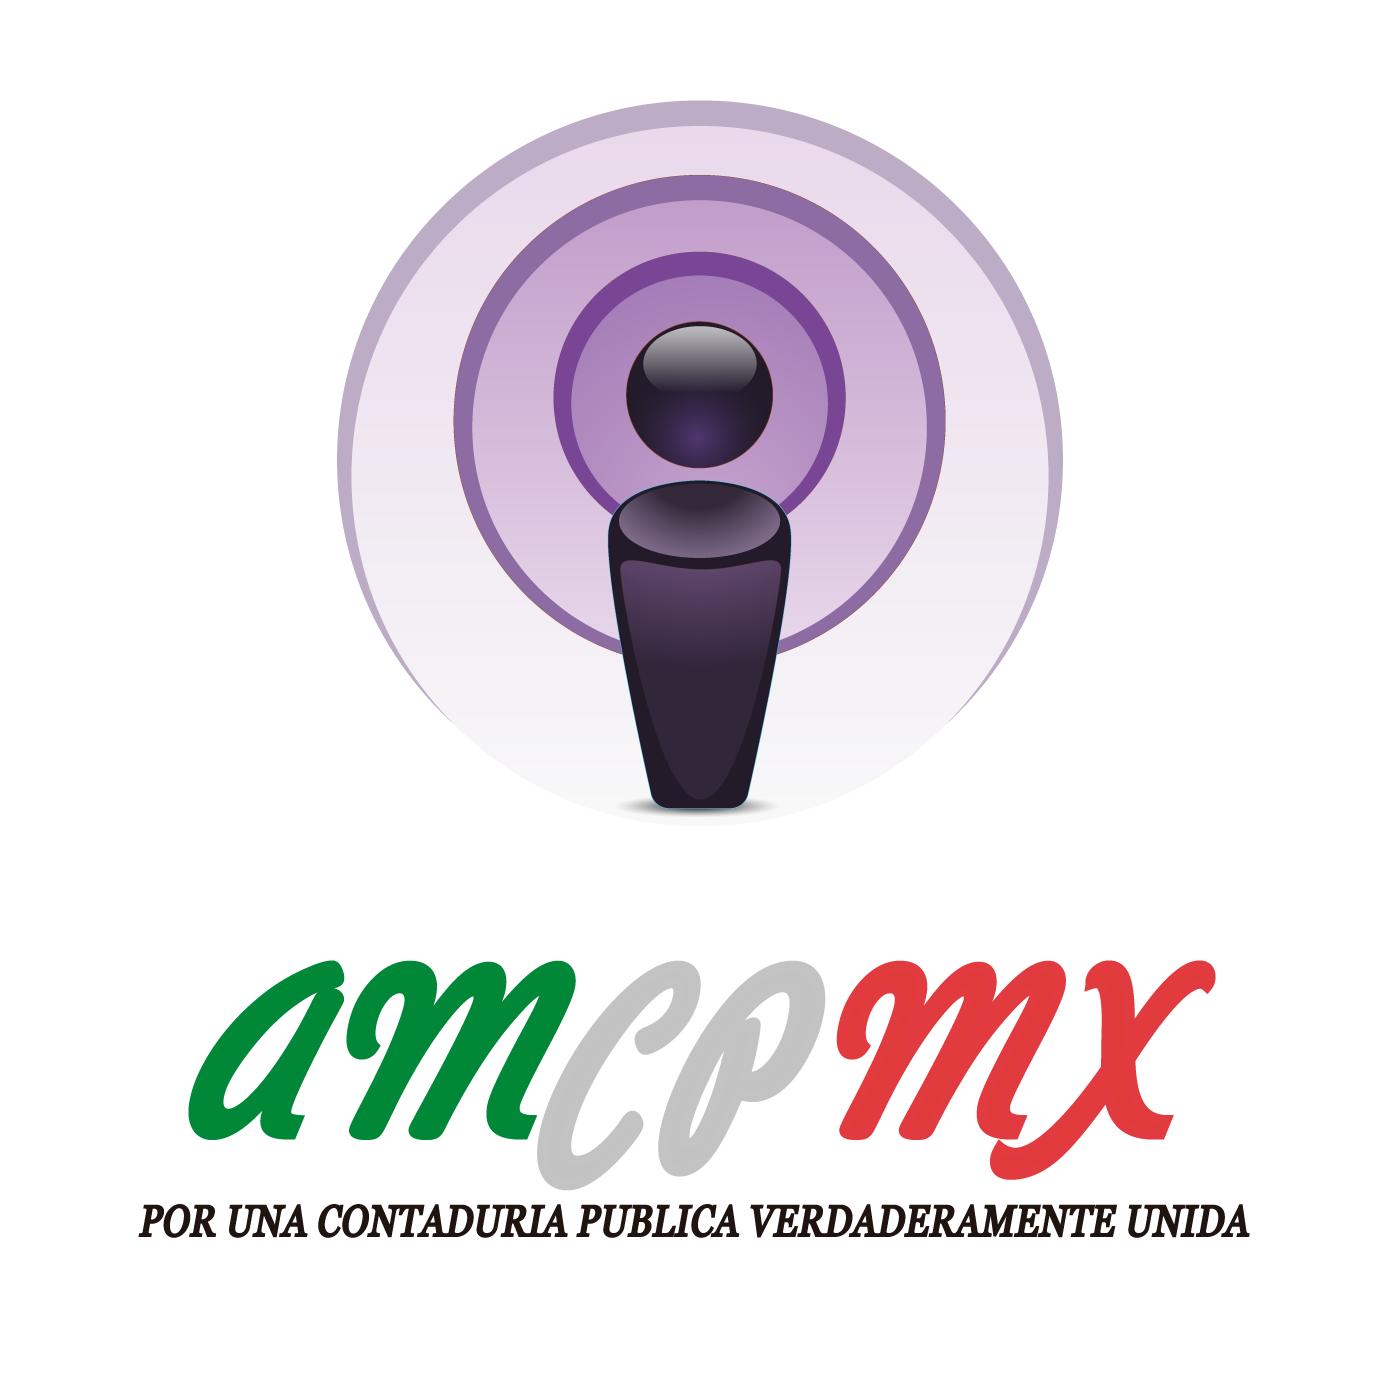 LA HORA AMCPCRS - DÓLAR 11/08/2015